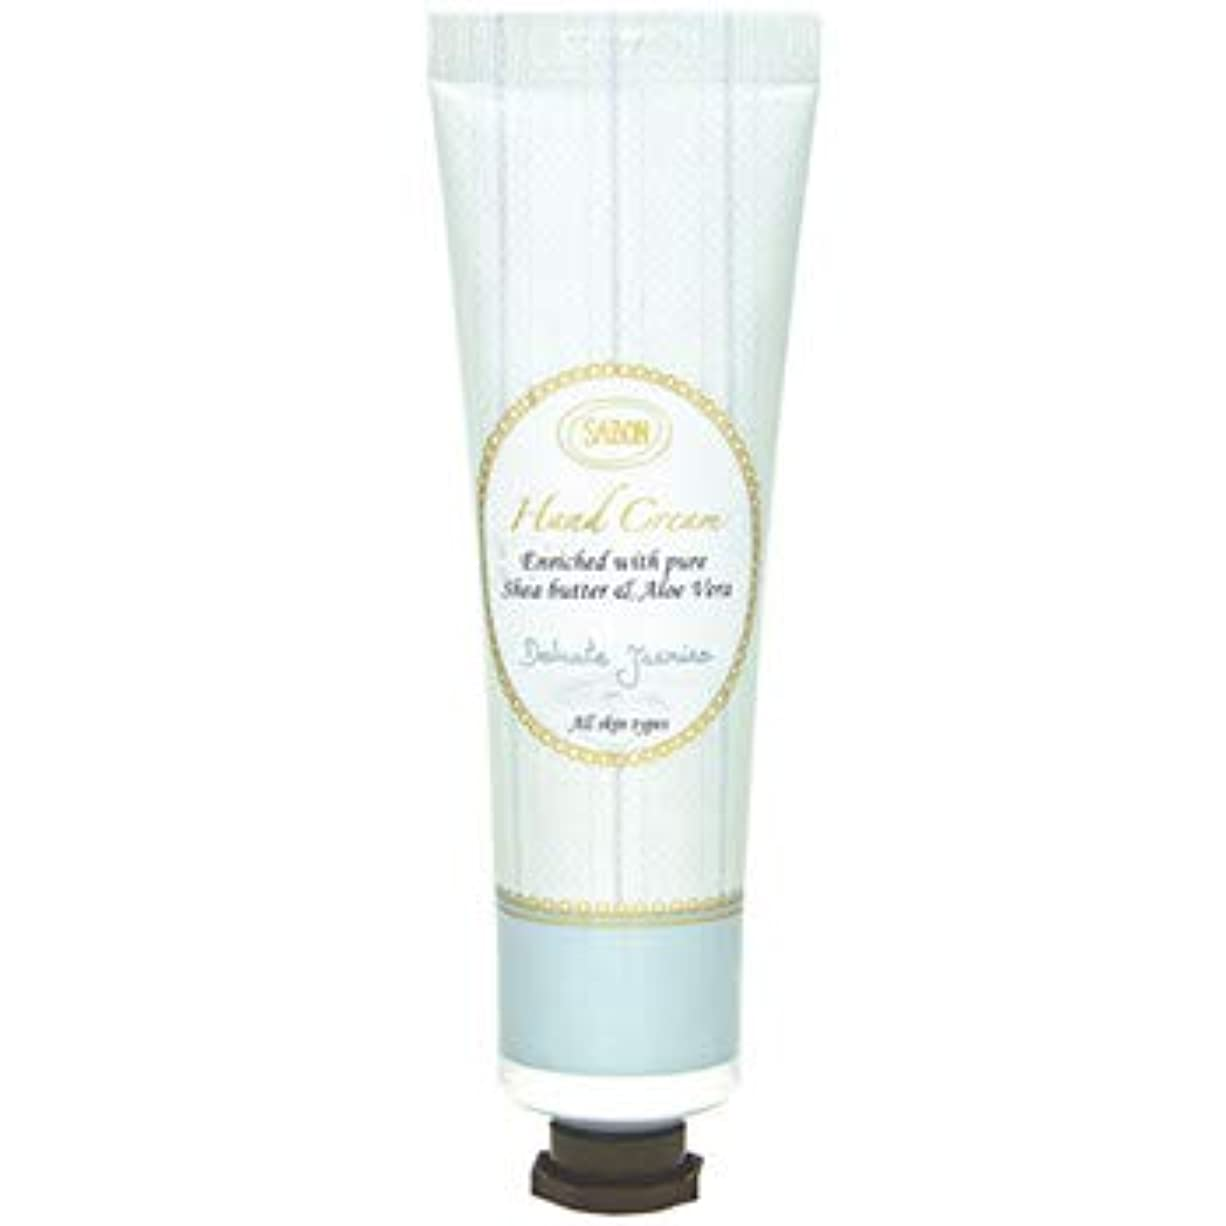 半ば戦士素人【新パッケージ】 サボン SABON ハンドクリーム デリケートジャスミン ( Delicate Jasmine ) チューブ 50ml クリーム ハンドケア Hand Cream